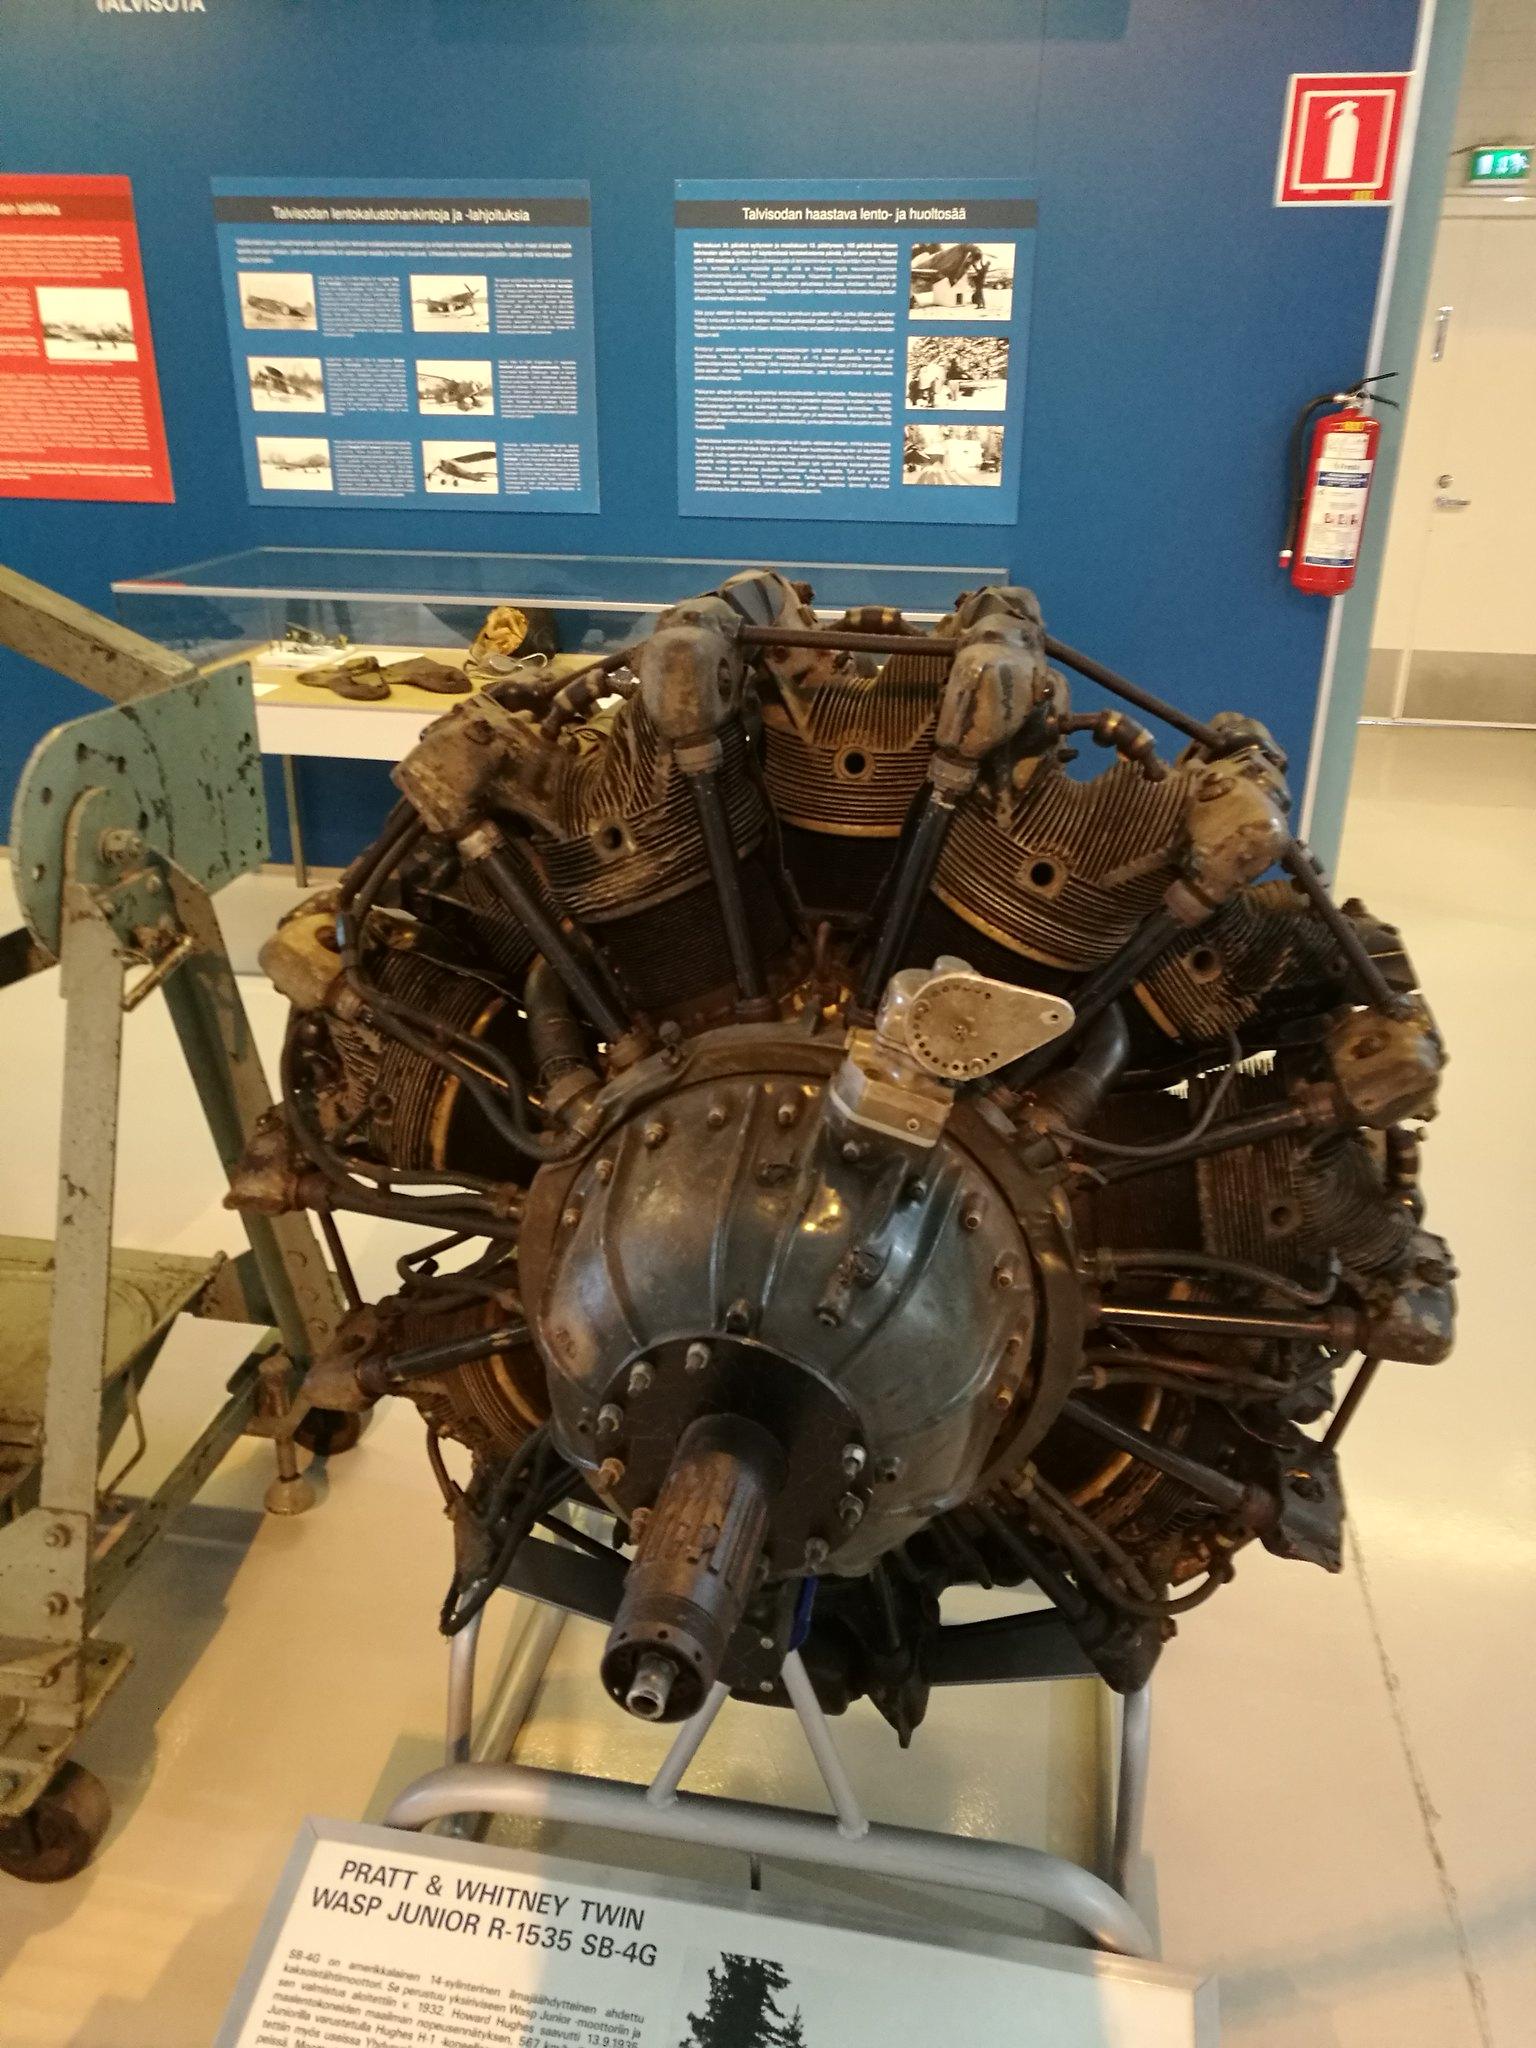 Hemkommen från semester i Finland med utflykt till Finlands Flygvapenmuseum. 48292968616_904c368e6f_k